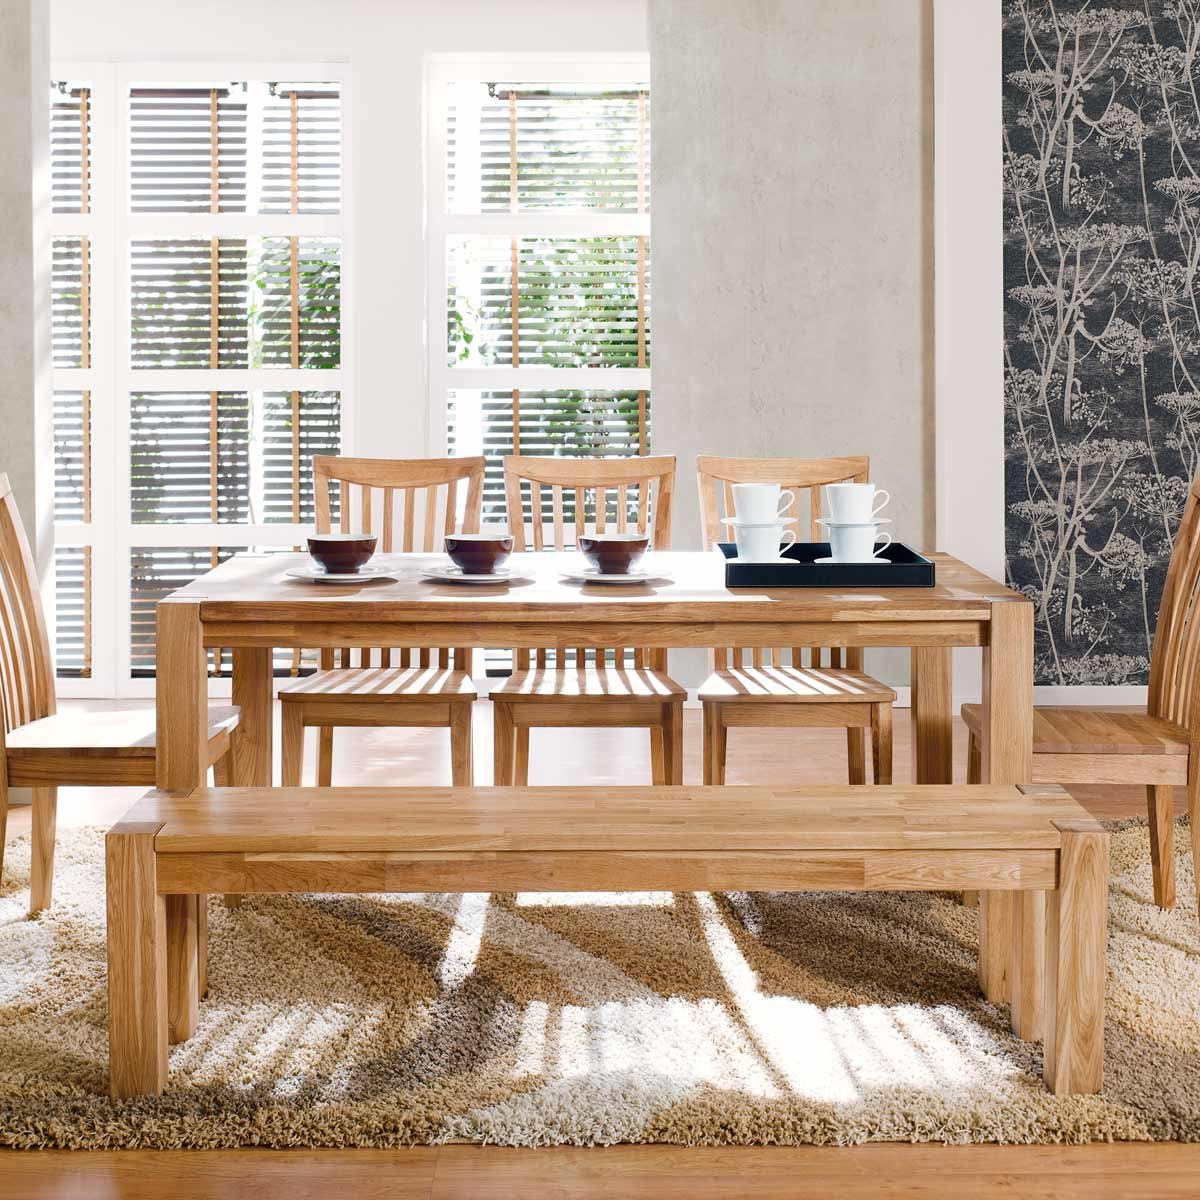 sitzbank bank holzbank in eiche massiv natur geoelt neu ebay. Black Bedroom Furniture Sets. Home Design Ideas